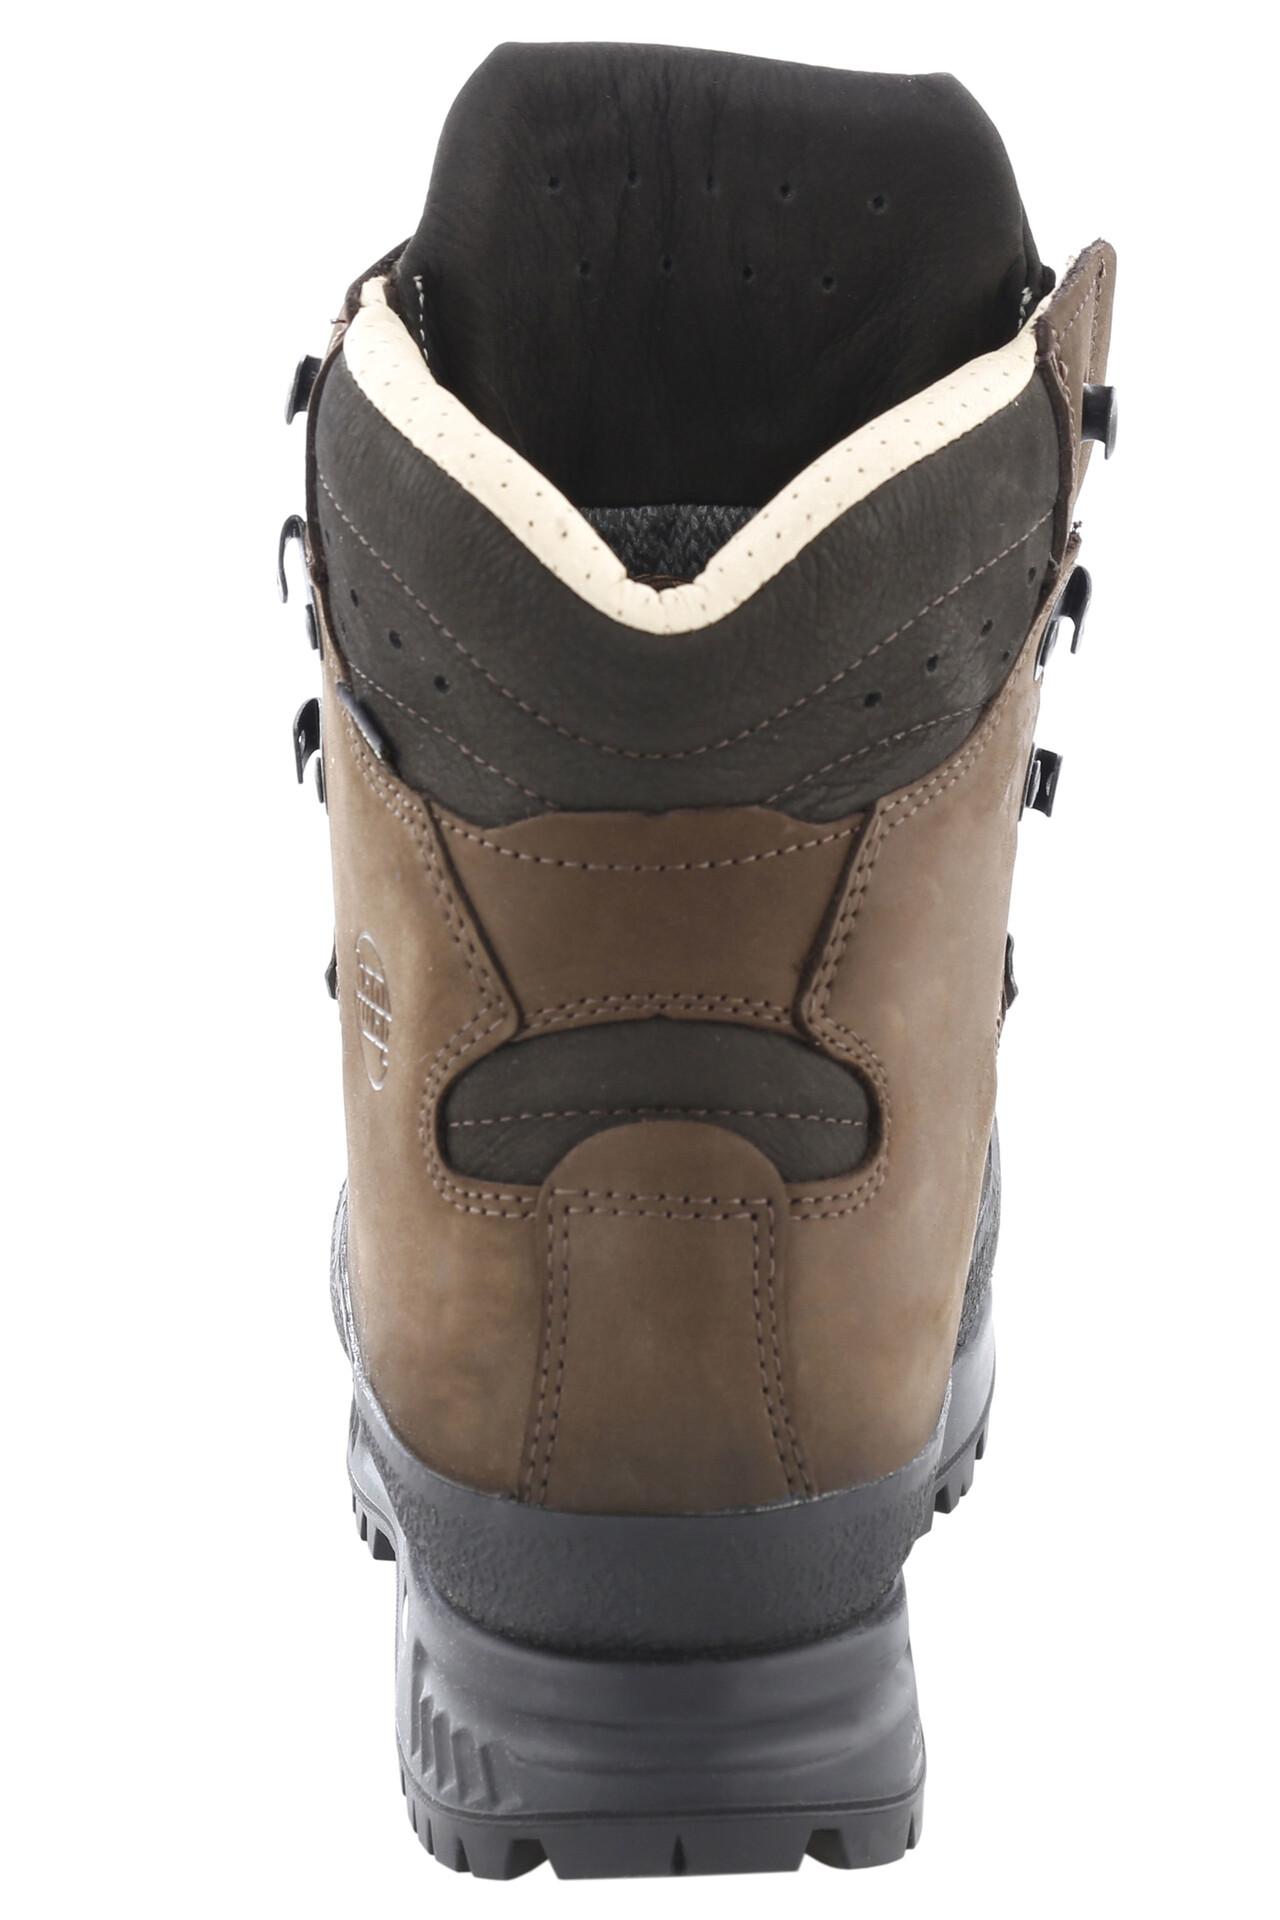 Chaussures HommeBrown Wide Hanwag Gtx Alaska XZukOlTiwP